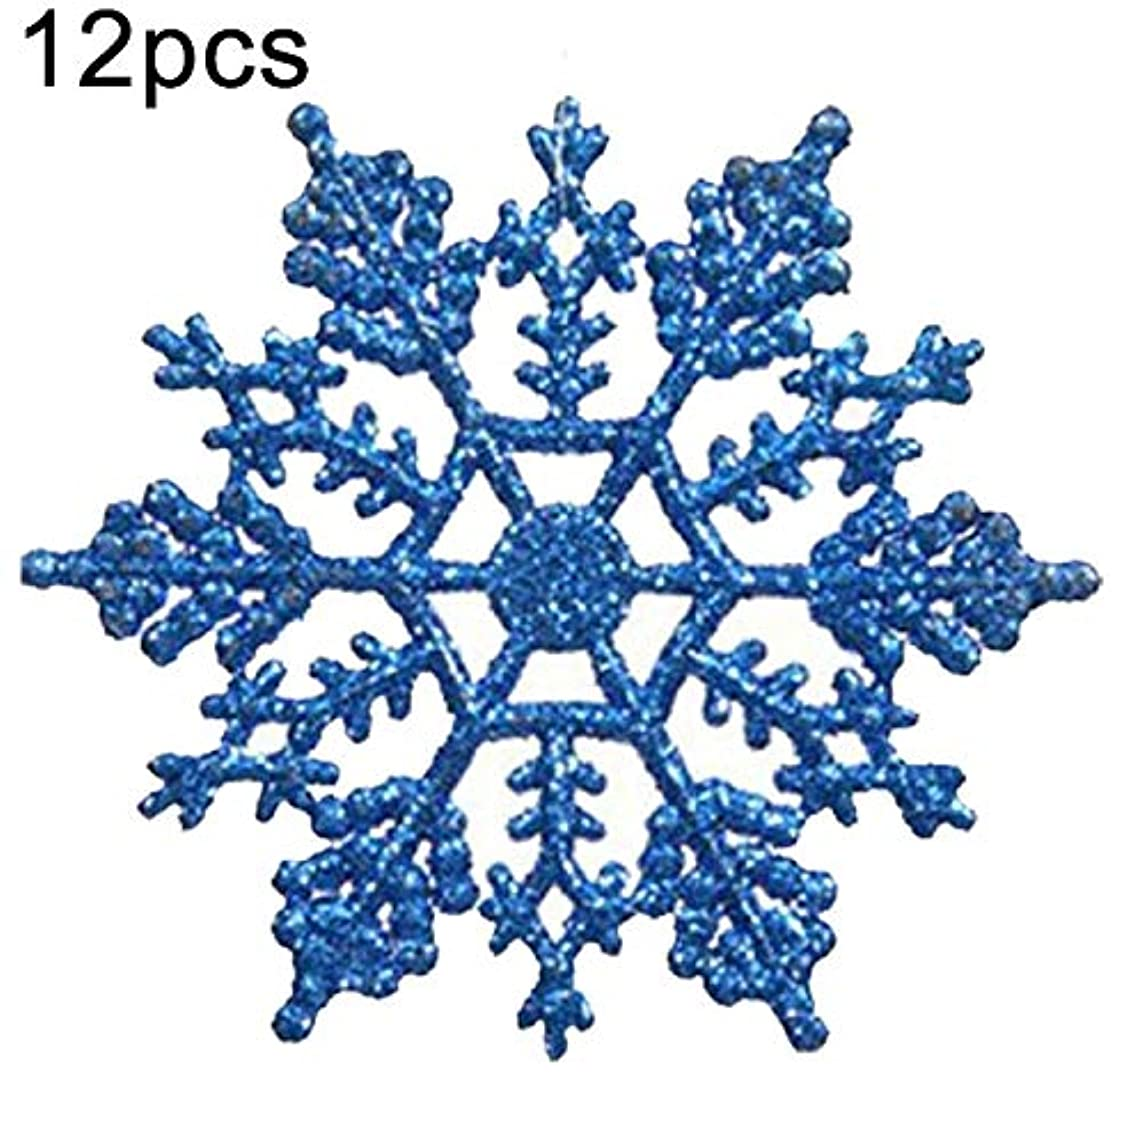 YUANGH 12 PCSアクリルスノーフレークピース装飾ペンダントルースパウダー、直径さ:10cm(ダークブルー)クリスマスツリーの装飾朱 YUANGH123 (色 : Blue)